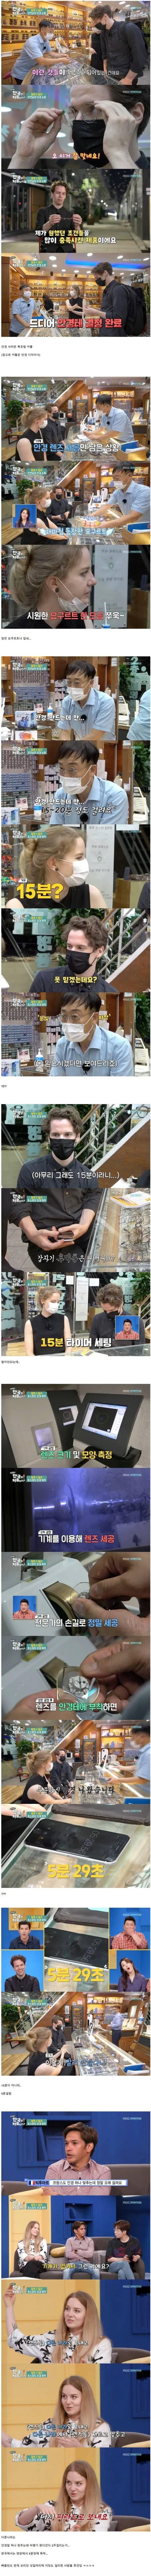 스압) 외국인들이 놀란 K-기술 | 인스티즈